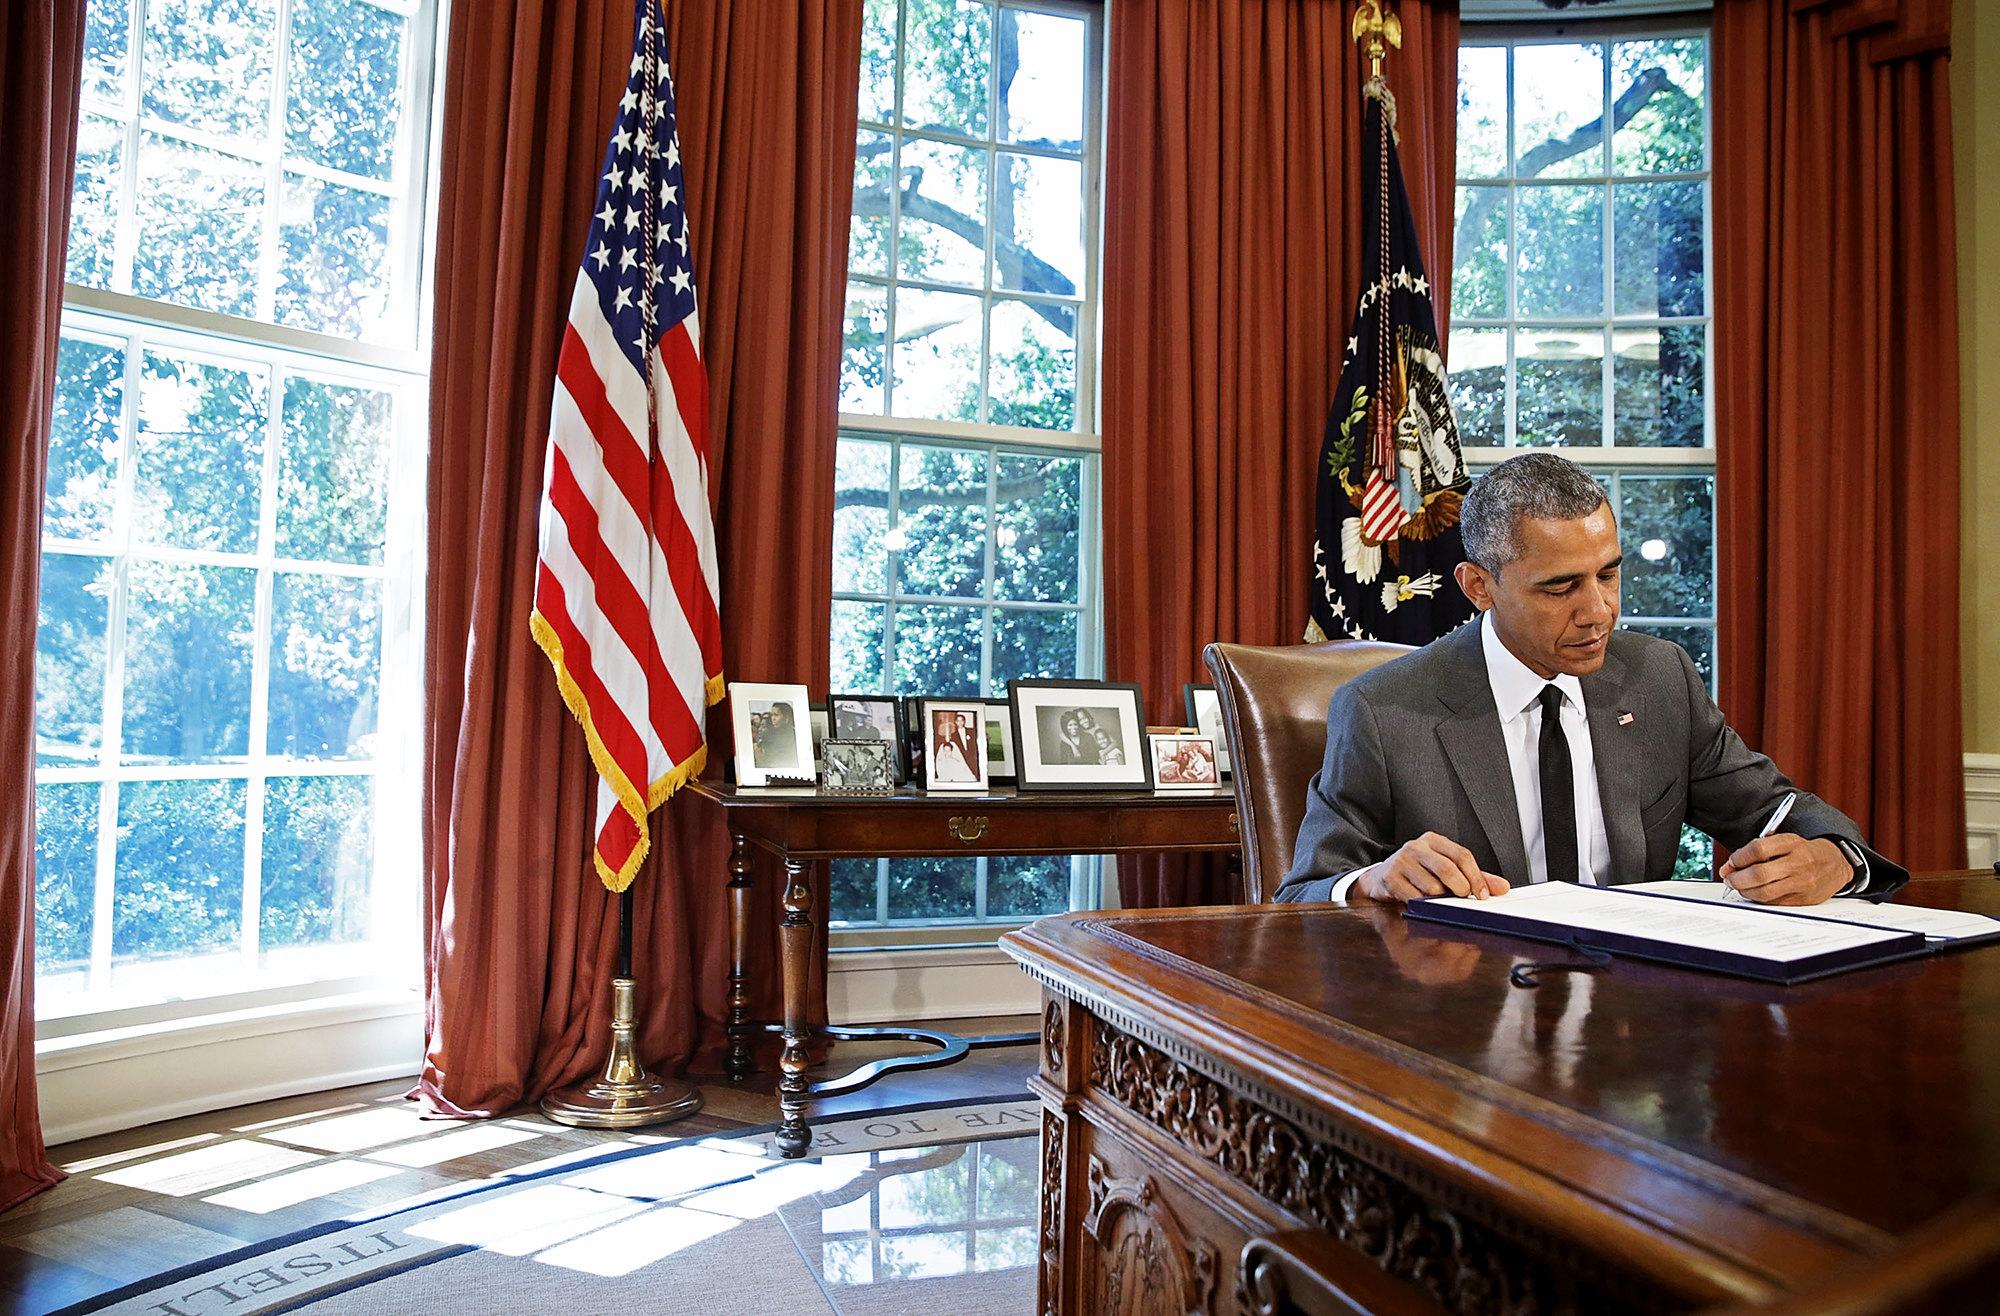 Барак Обама подписывает законопроект вОвальном кабинете, 31 июля 2015